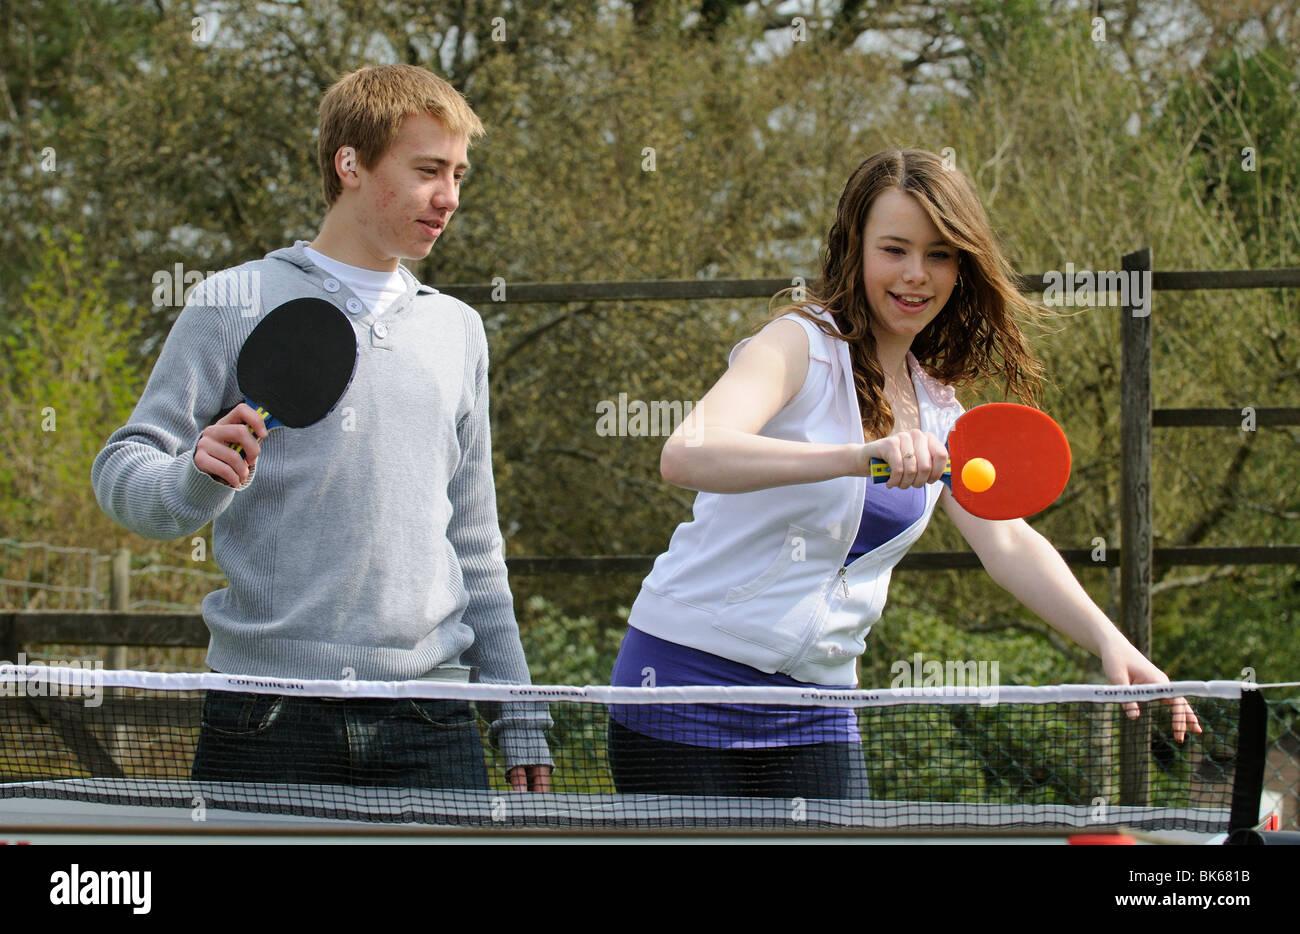 Adolescents jouant une partie de tennis de table dans leur jardin Photo Stock